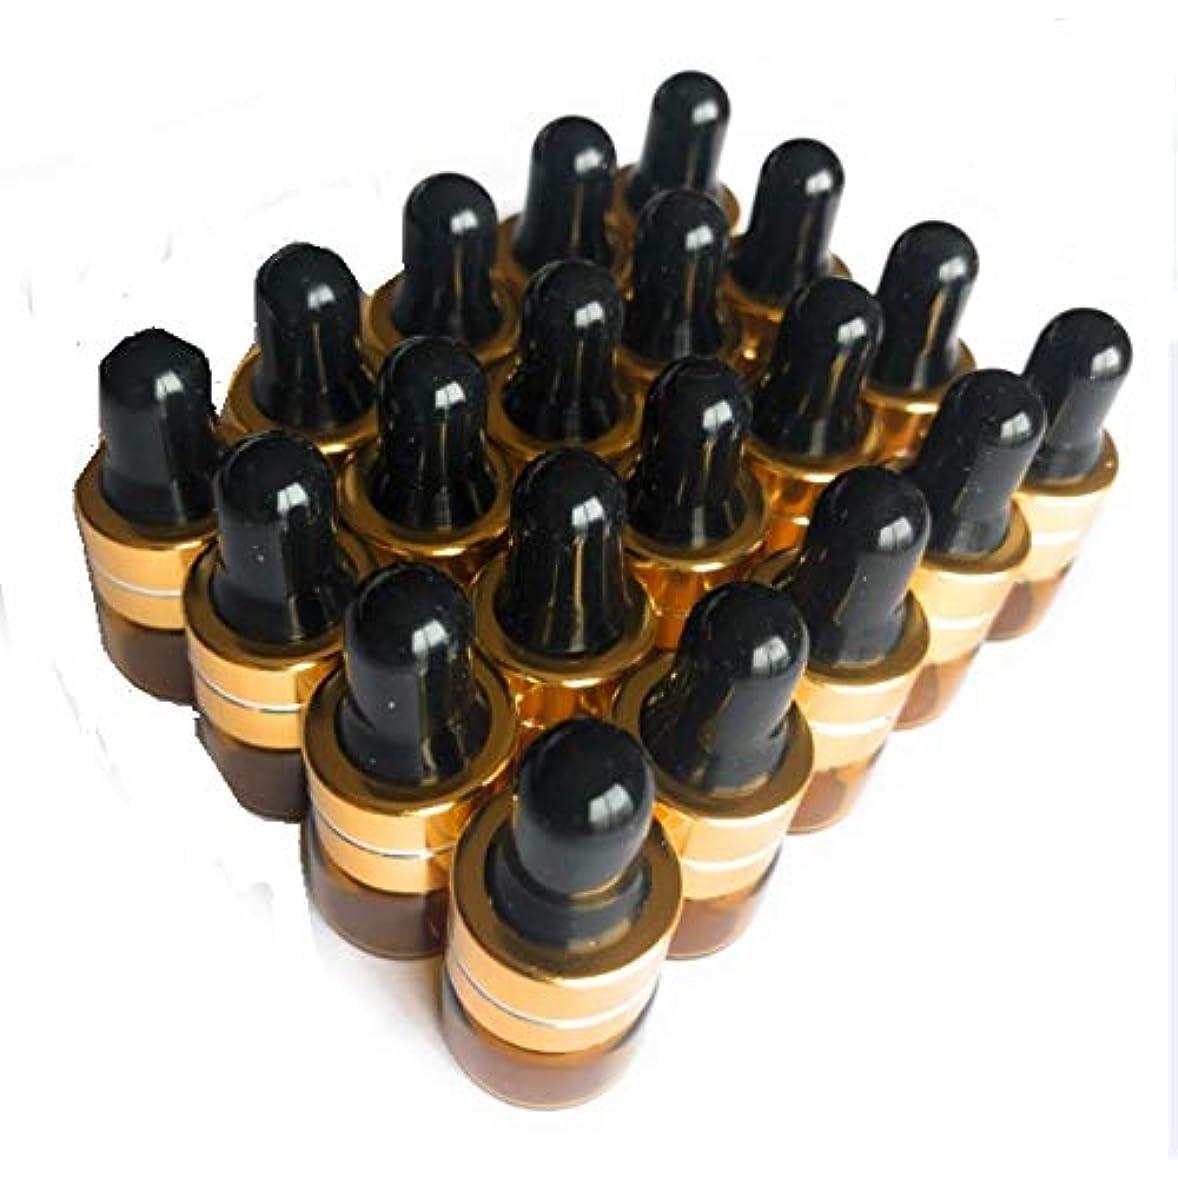 電報バッテリーモジュールits 遮光瓶 アロマオイル 精油 小分け用 ガラス製 保存容器 茶色 (20本 セット 1ml)